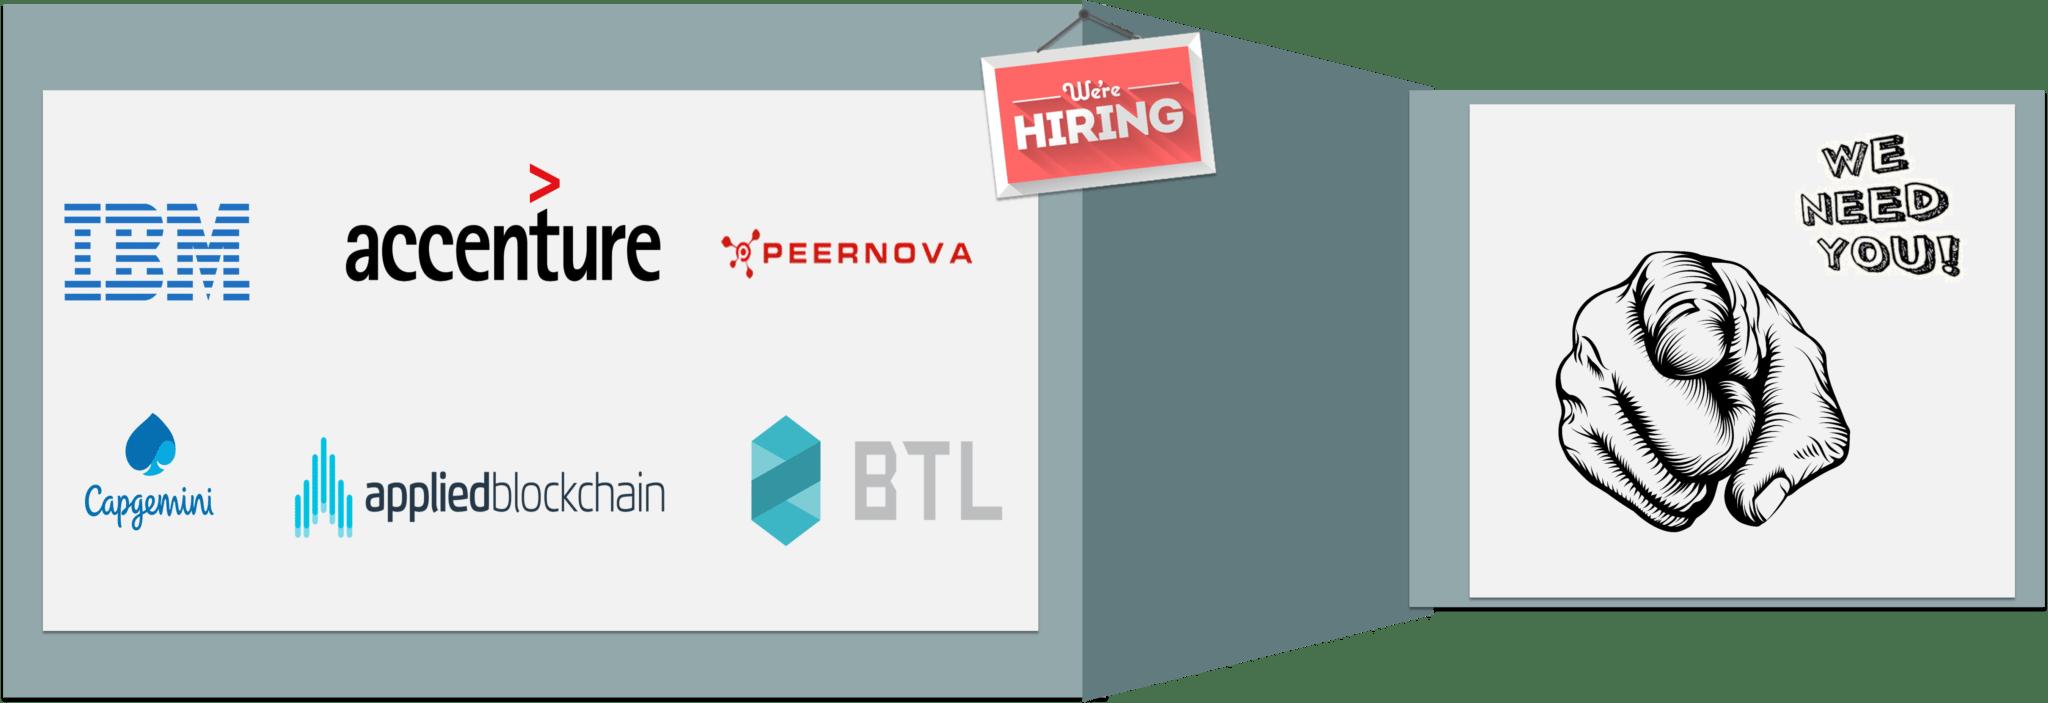 Career in Blockchain - Blockchain Developer - Edureka